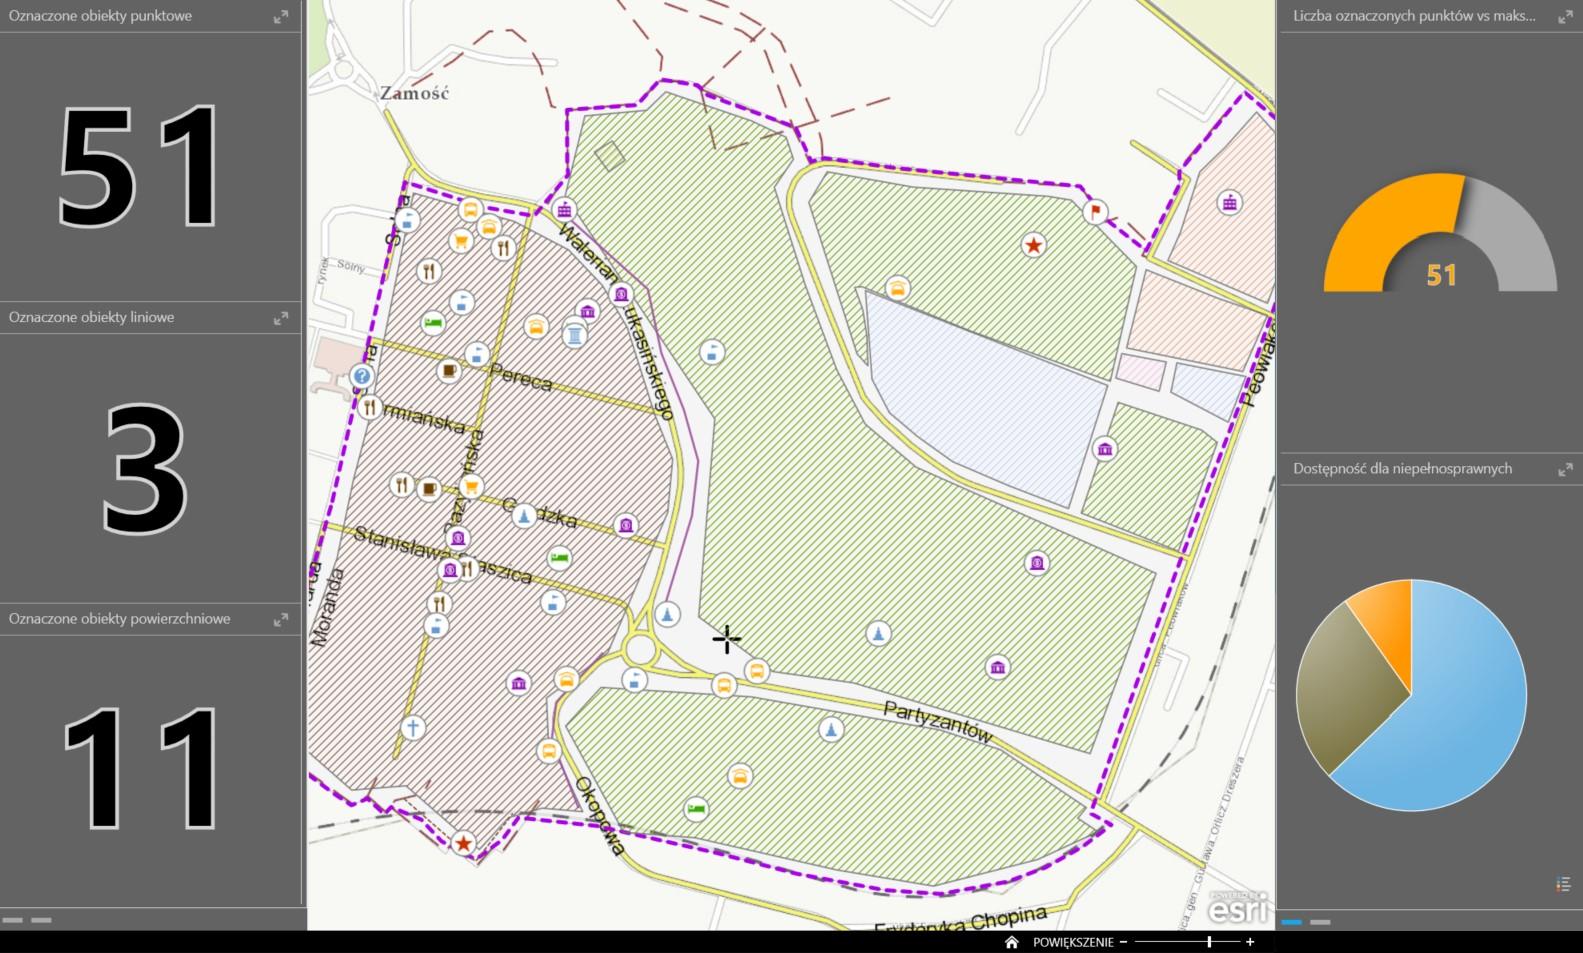 Rys. 4. Pulpit Operations Dashboard prezentujący jedną z opracowanych map.